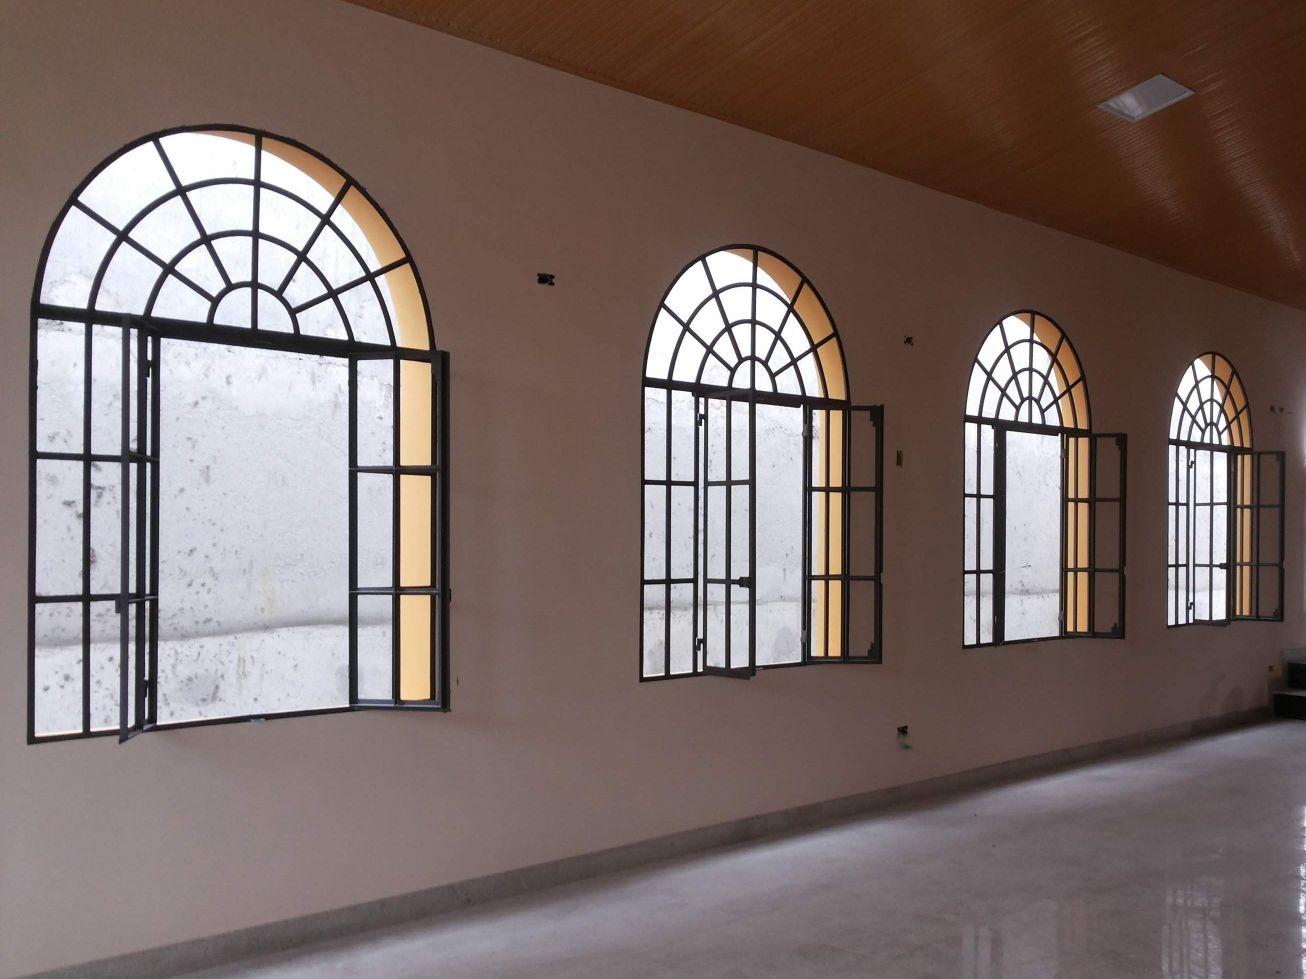 parede da paróquia estava cru no reboco.